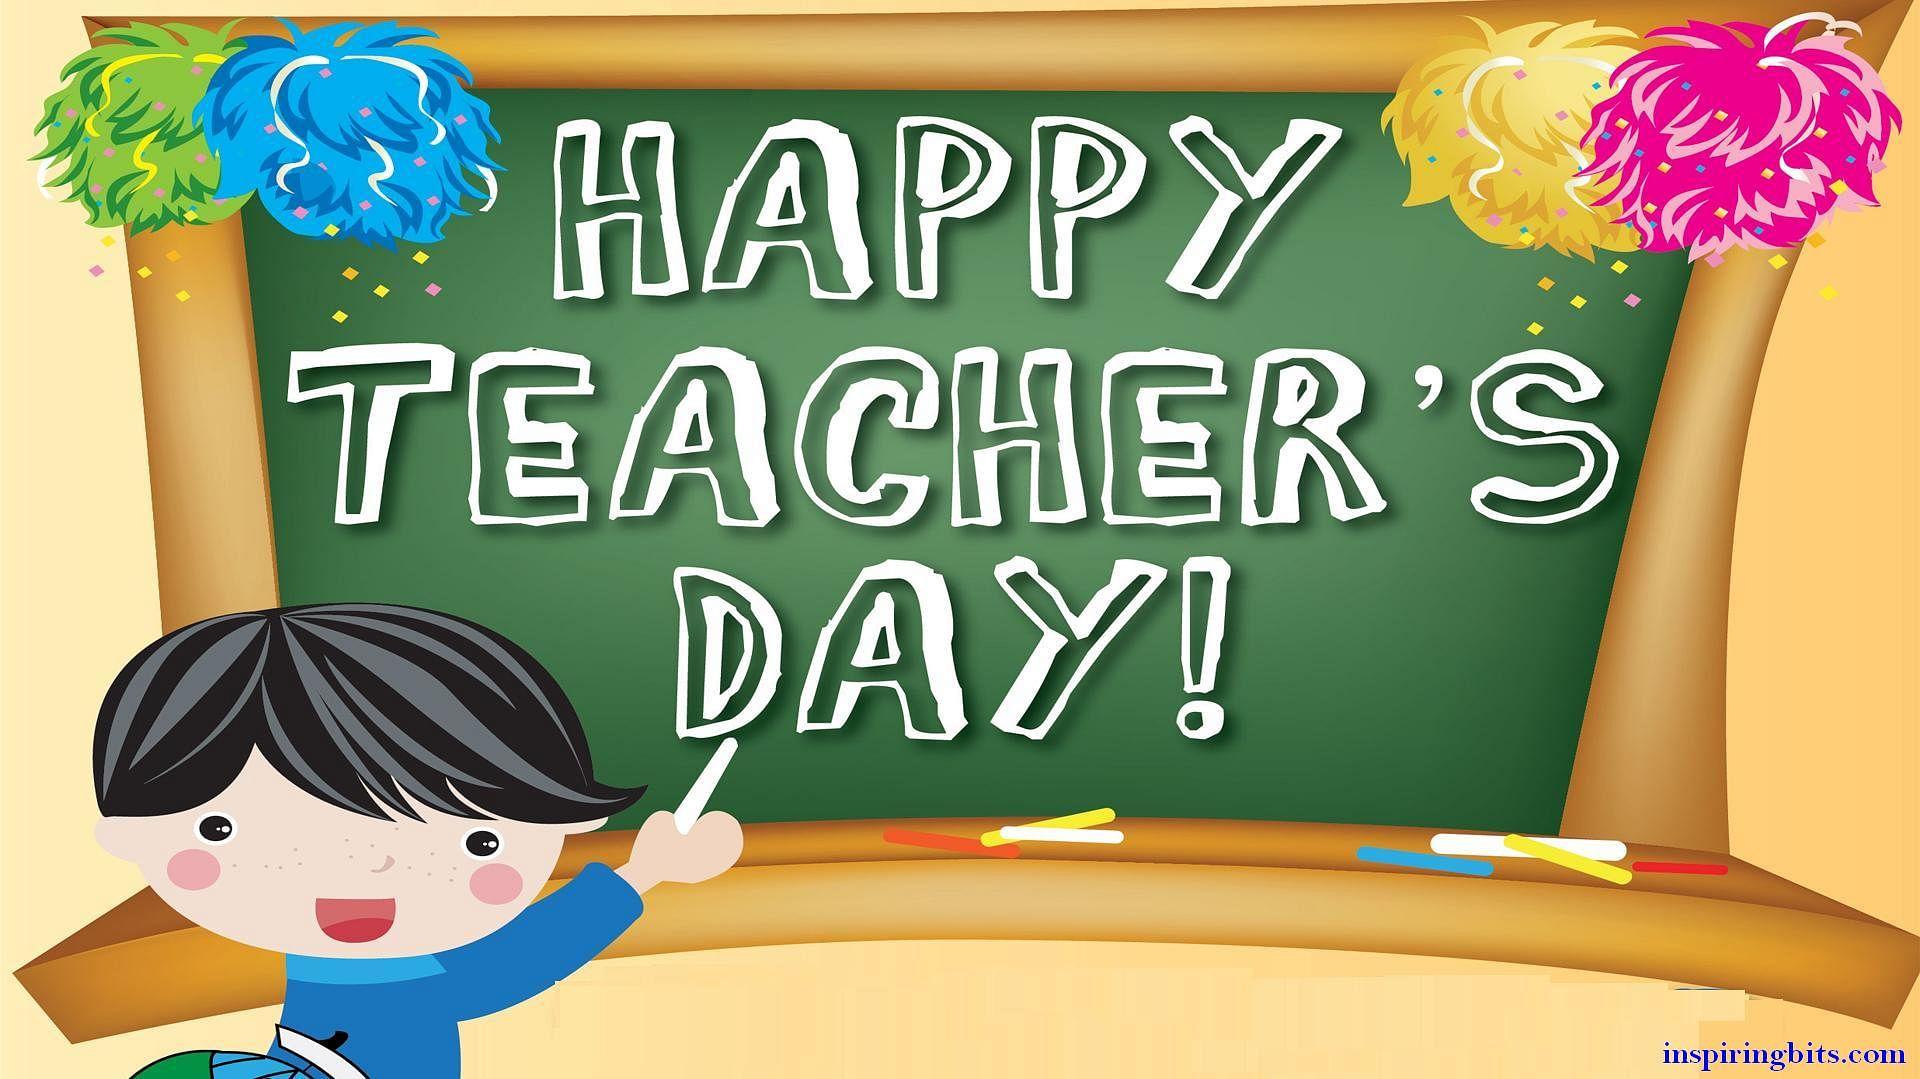 Открытки на день учителя на английском, июля новогодняя открытка